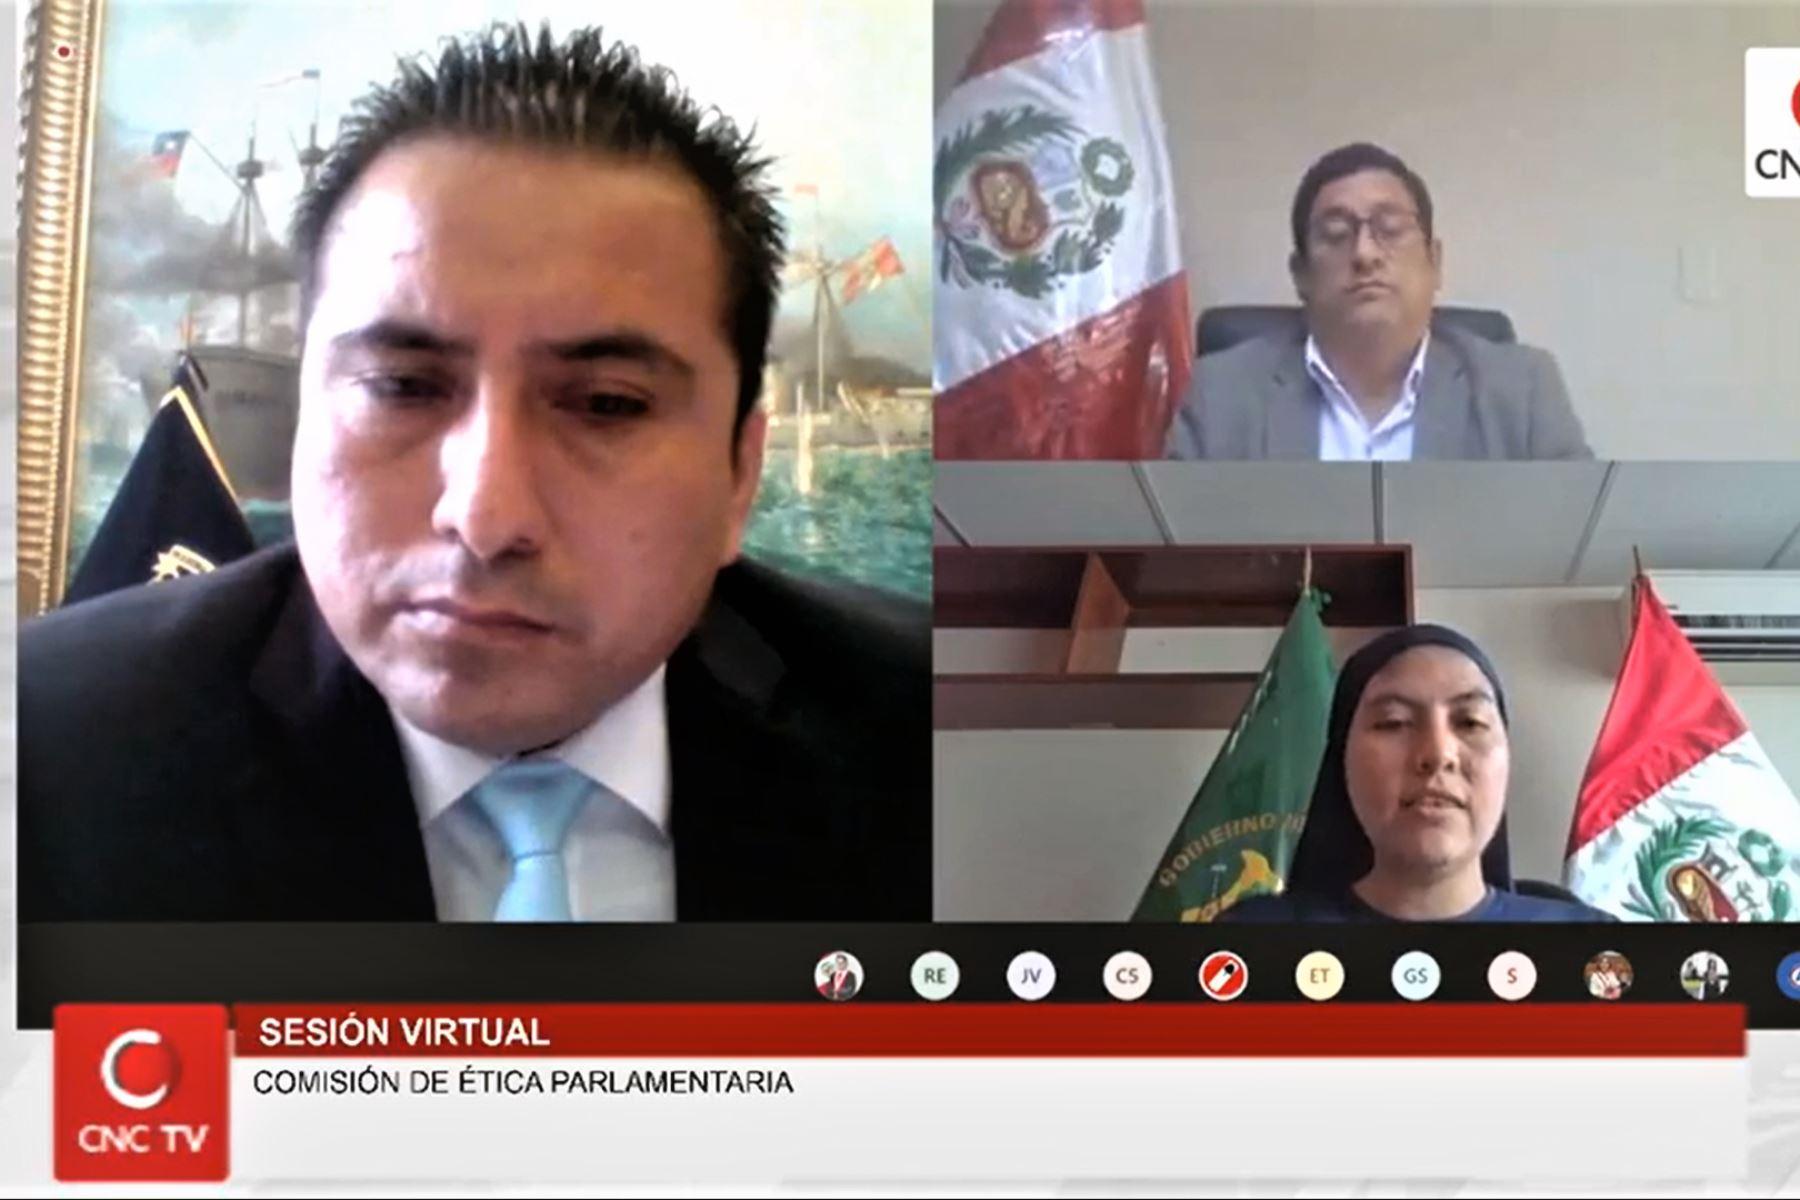 Congreso: Ética no investigará a legisladores del Frente Amplio por elección del TC